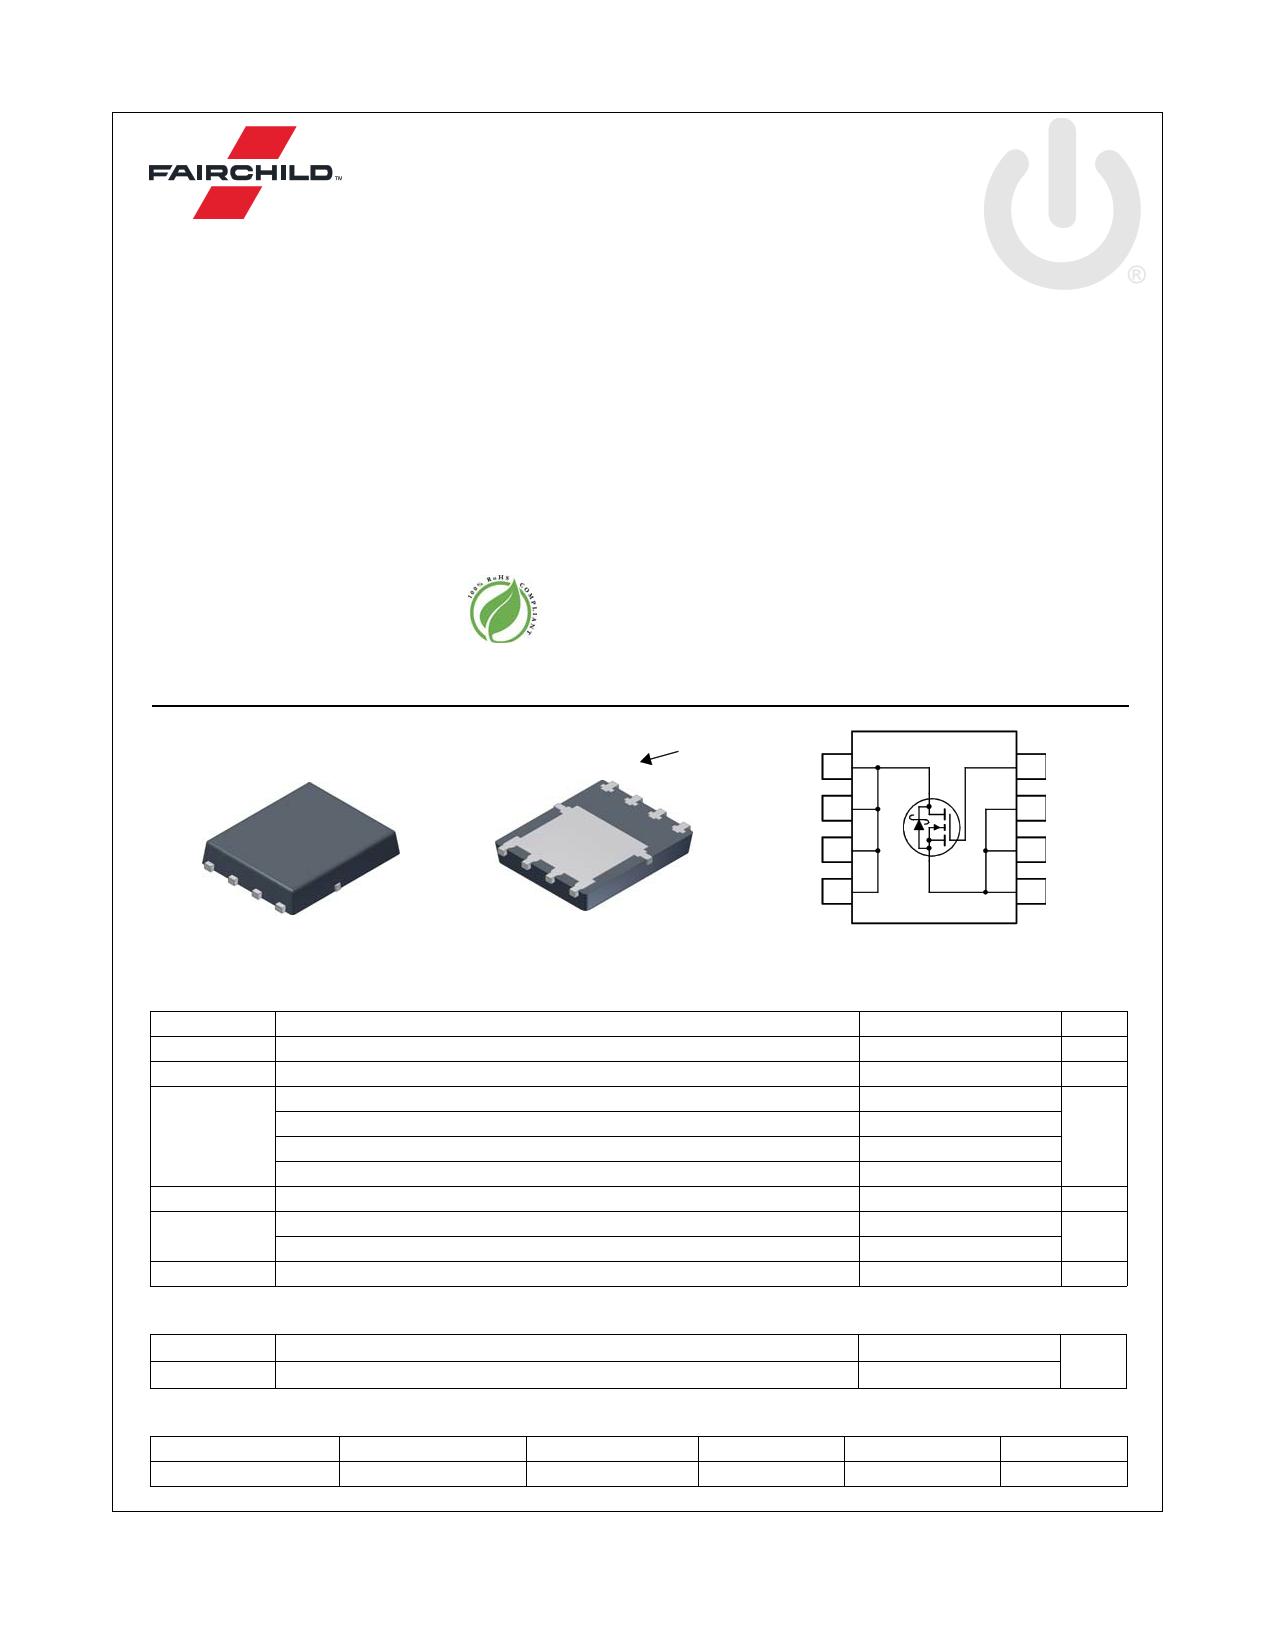 FDMS7572S 데이터시트 및 FDMS7572S PDF